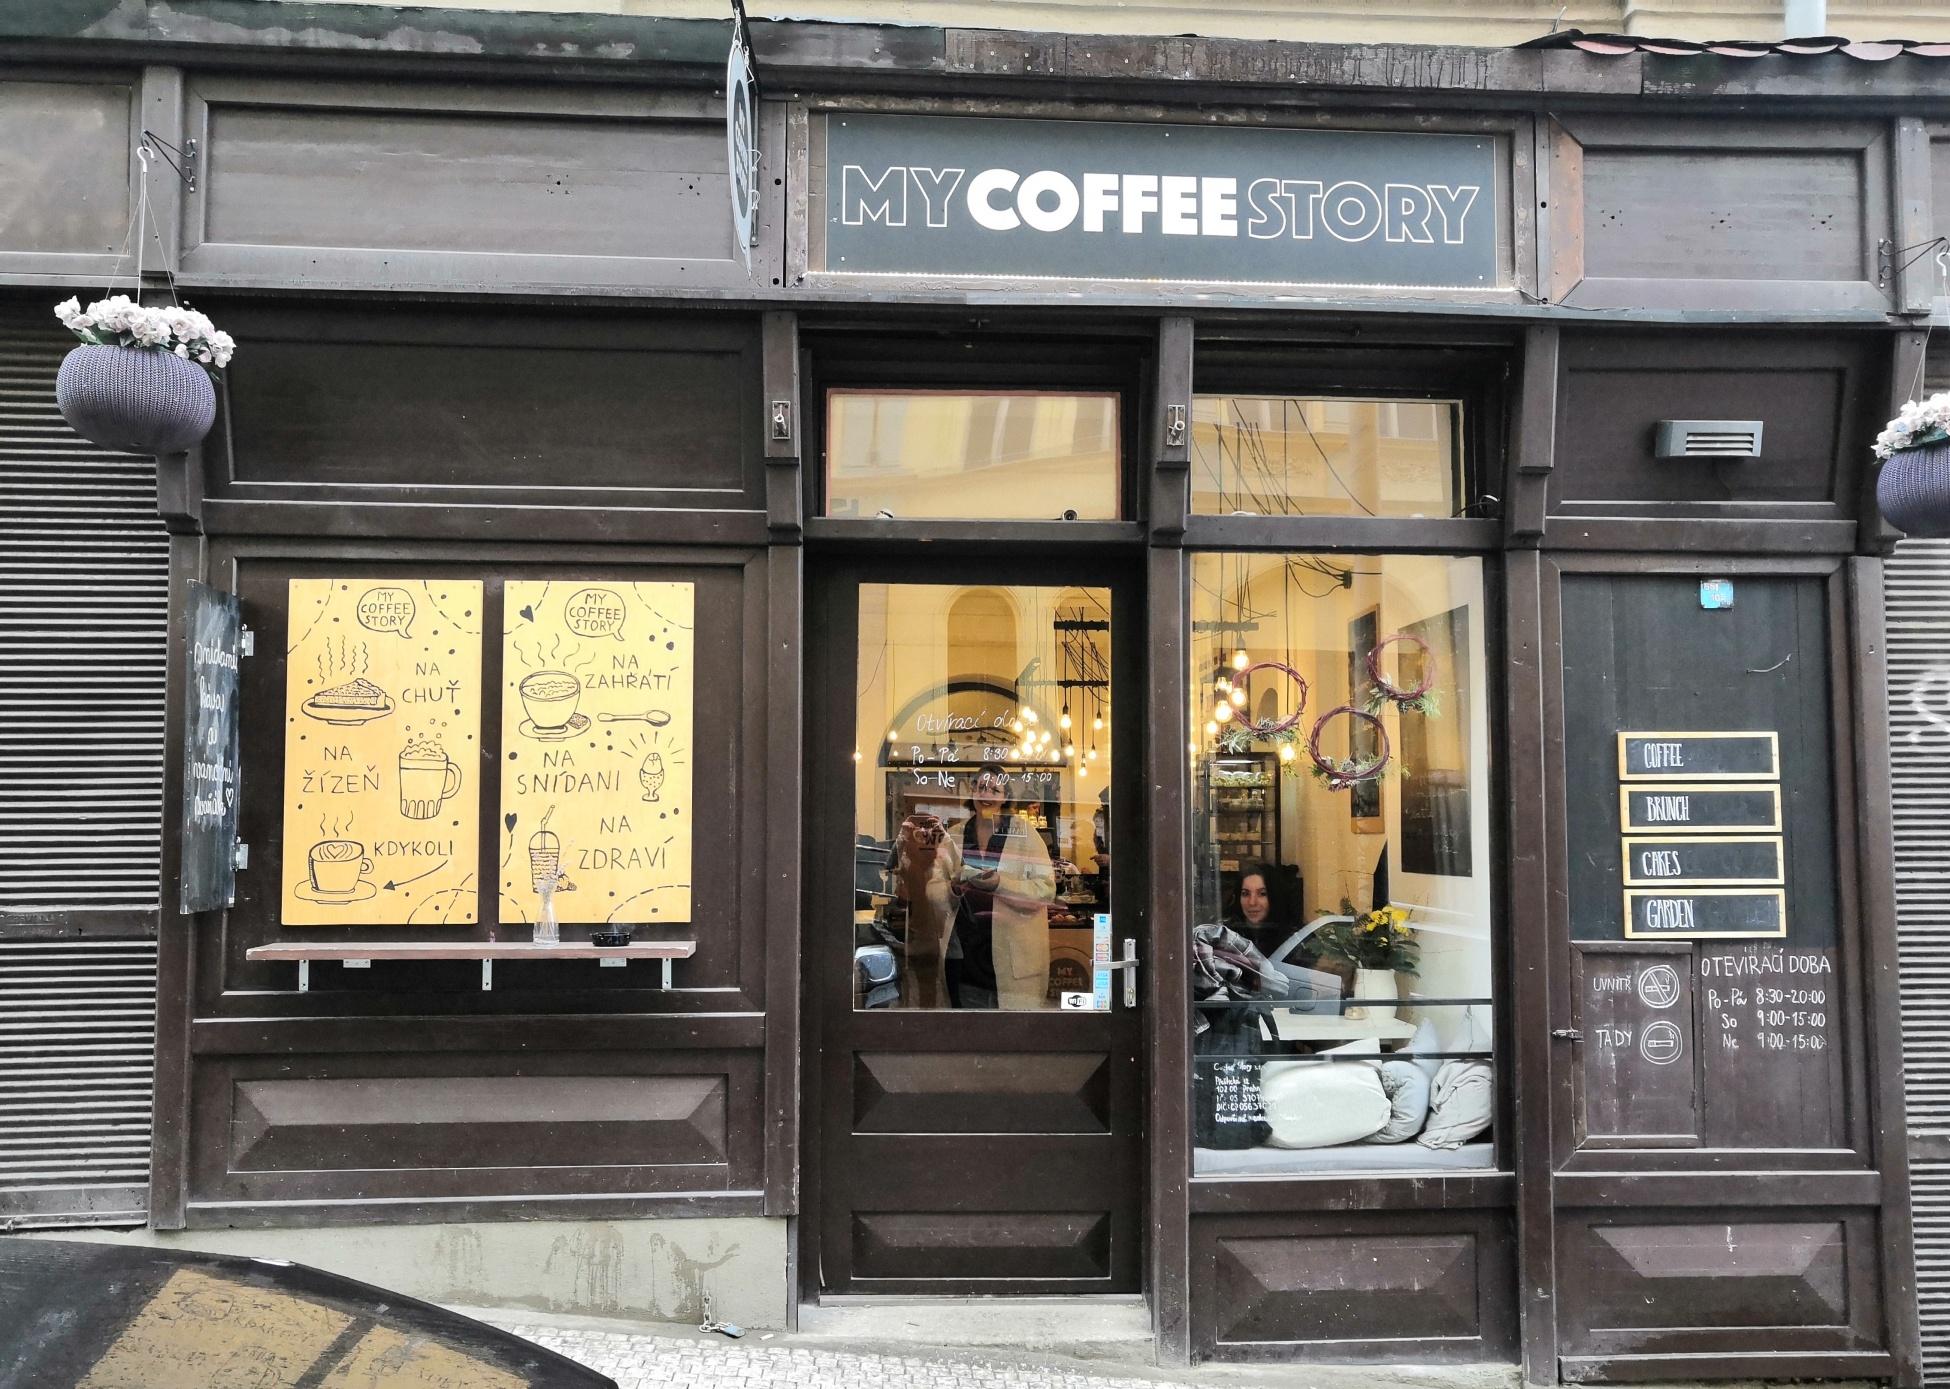 nejlepší kavárny, hodnocení kaváren, my coffee story